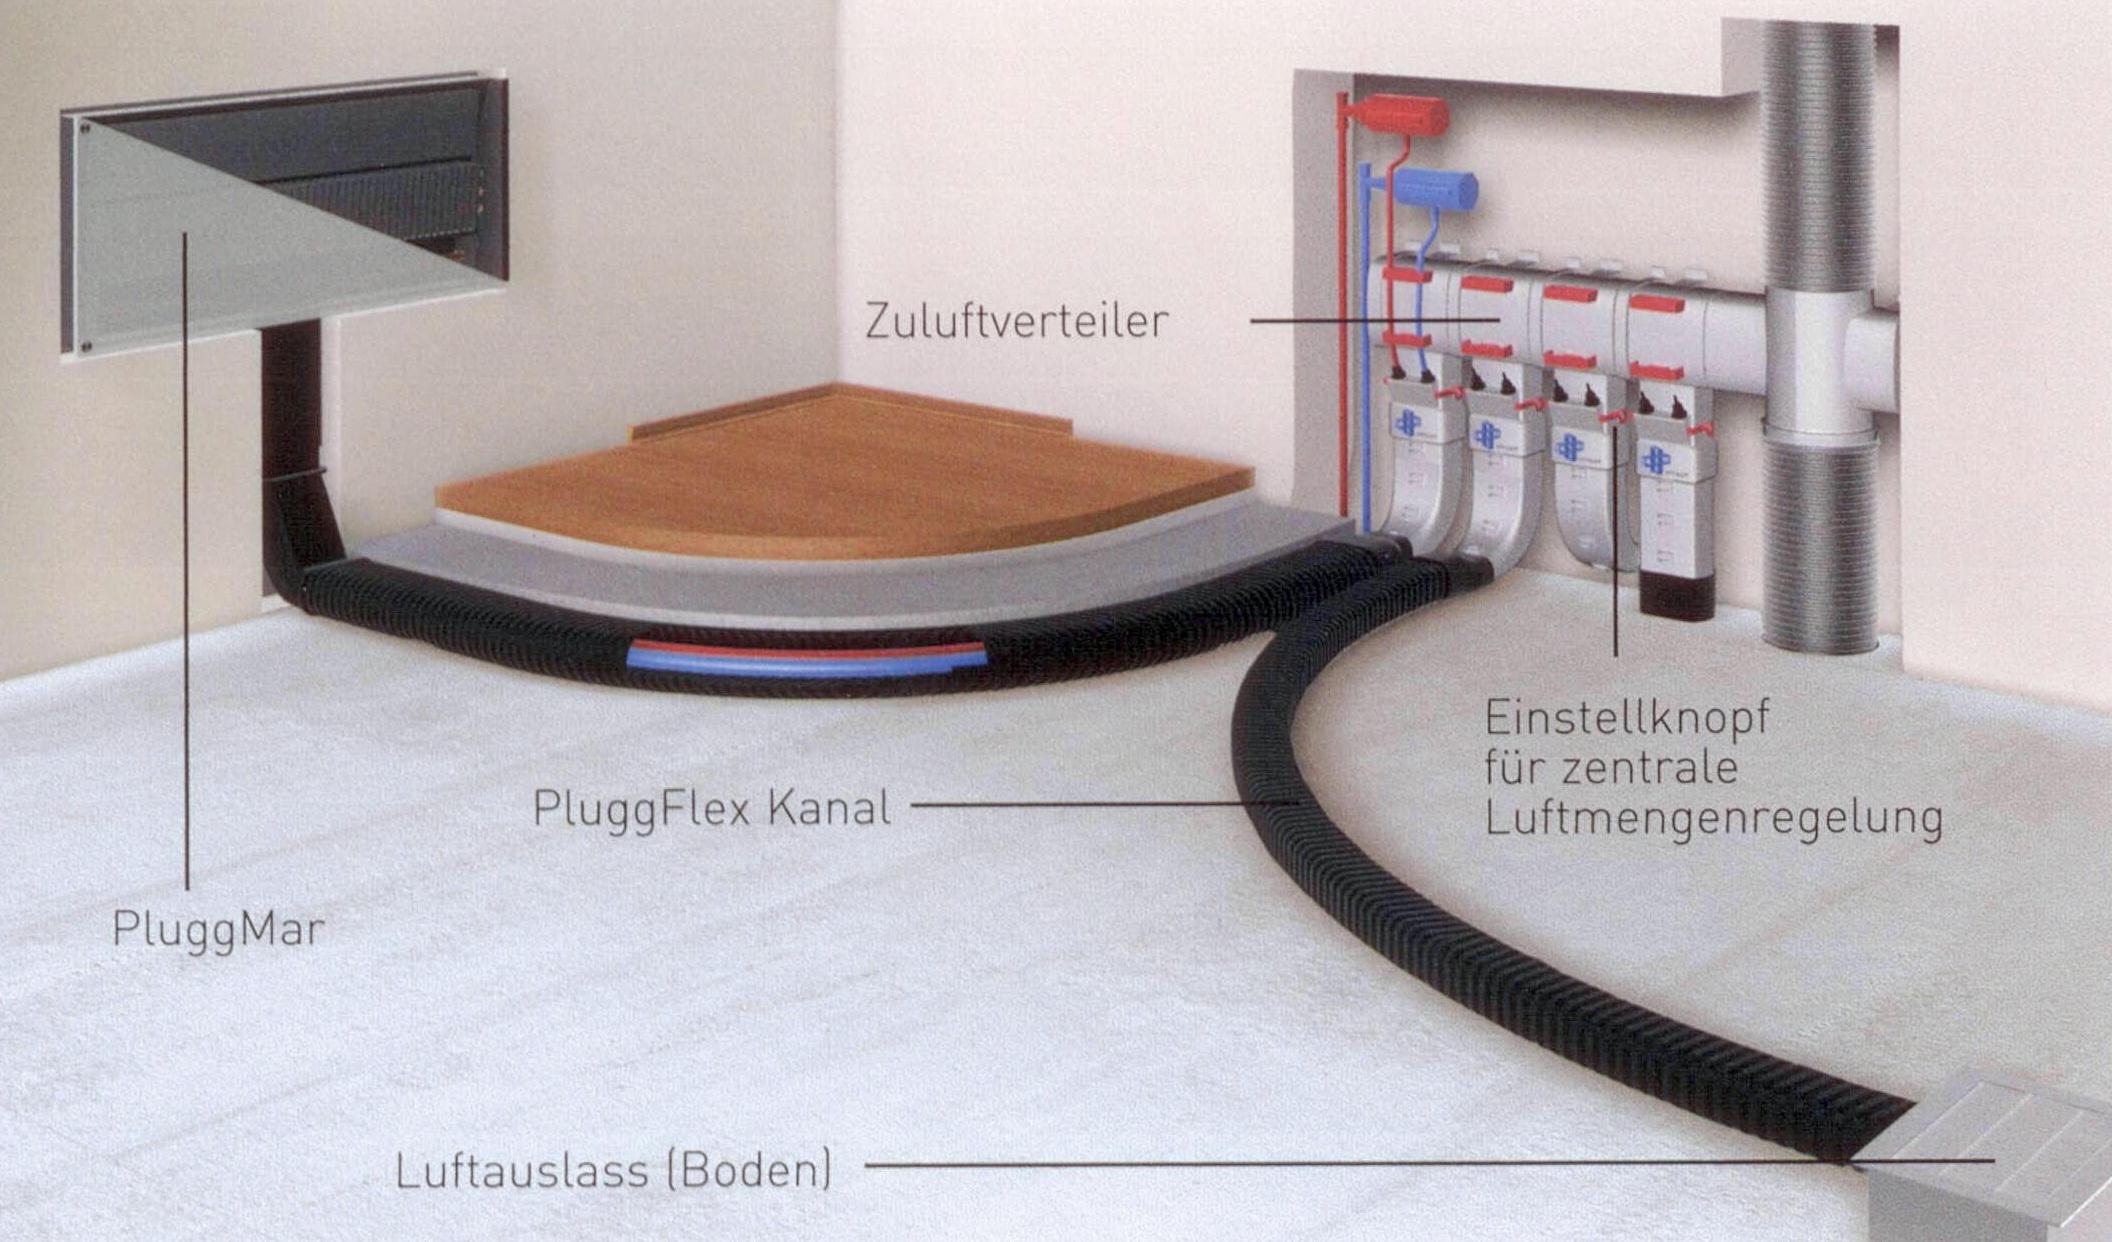 wohnung l ften kontrollierte wohnungsl ftung zentrale wohnungsl ftung beispiel luftverteilung. Black Bedroom Furniture Sets. Home Design Ideas